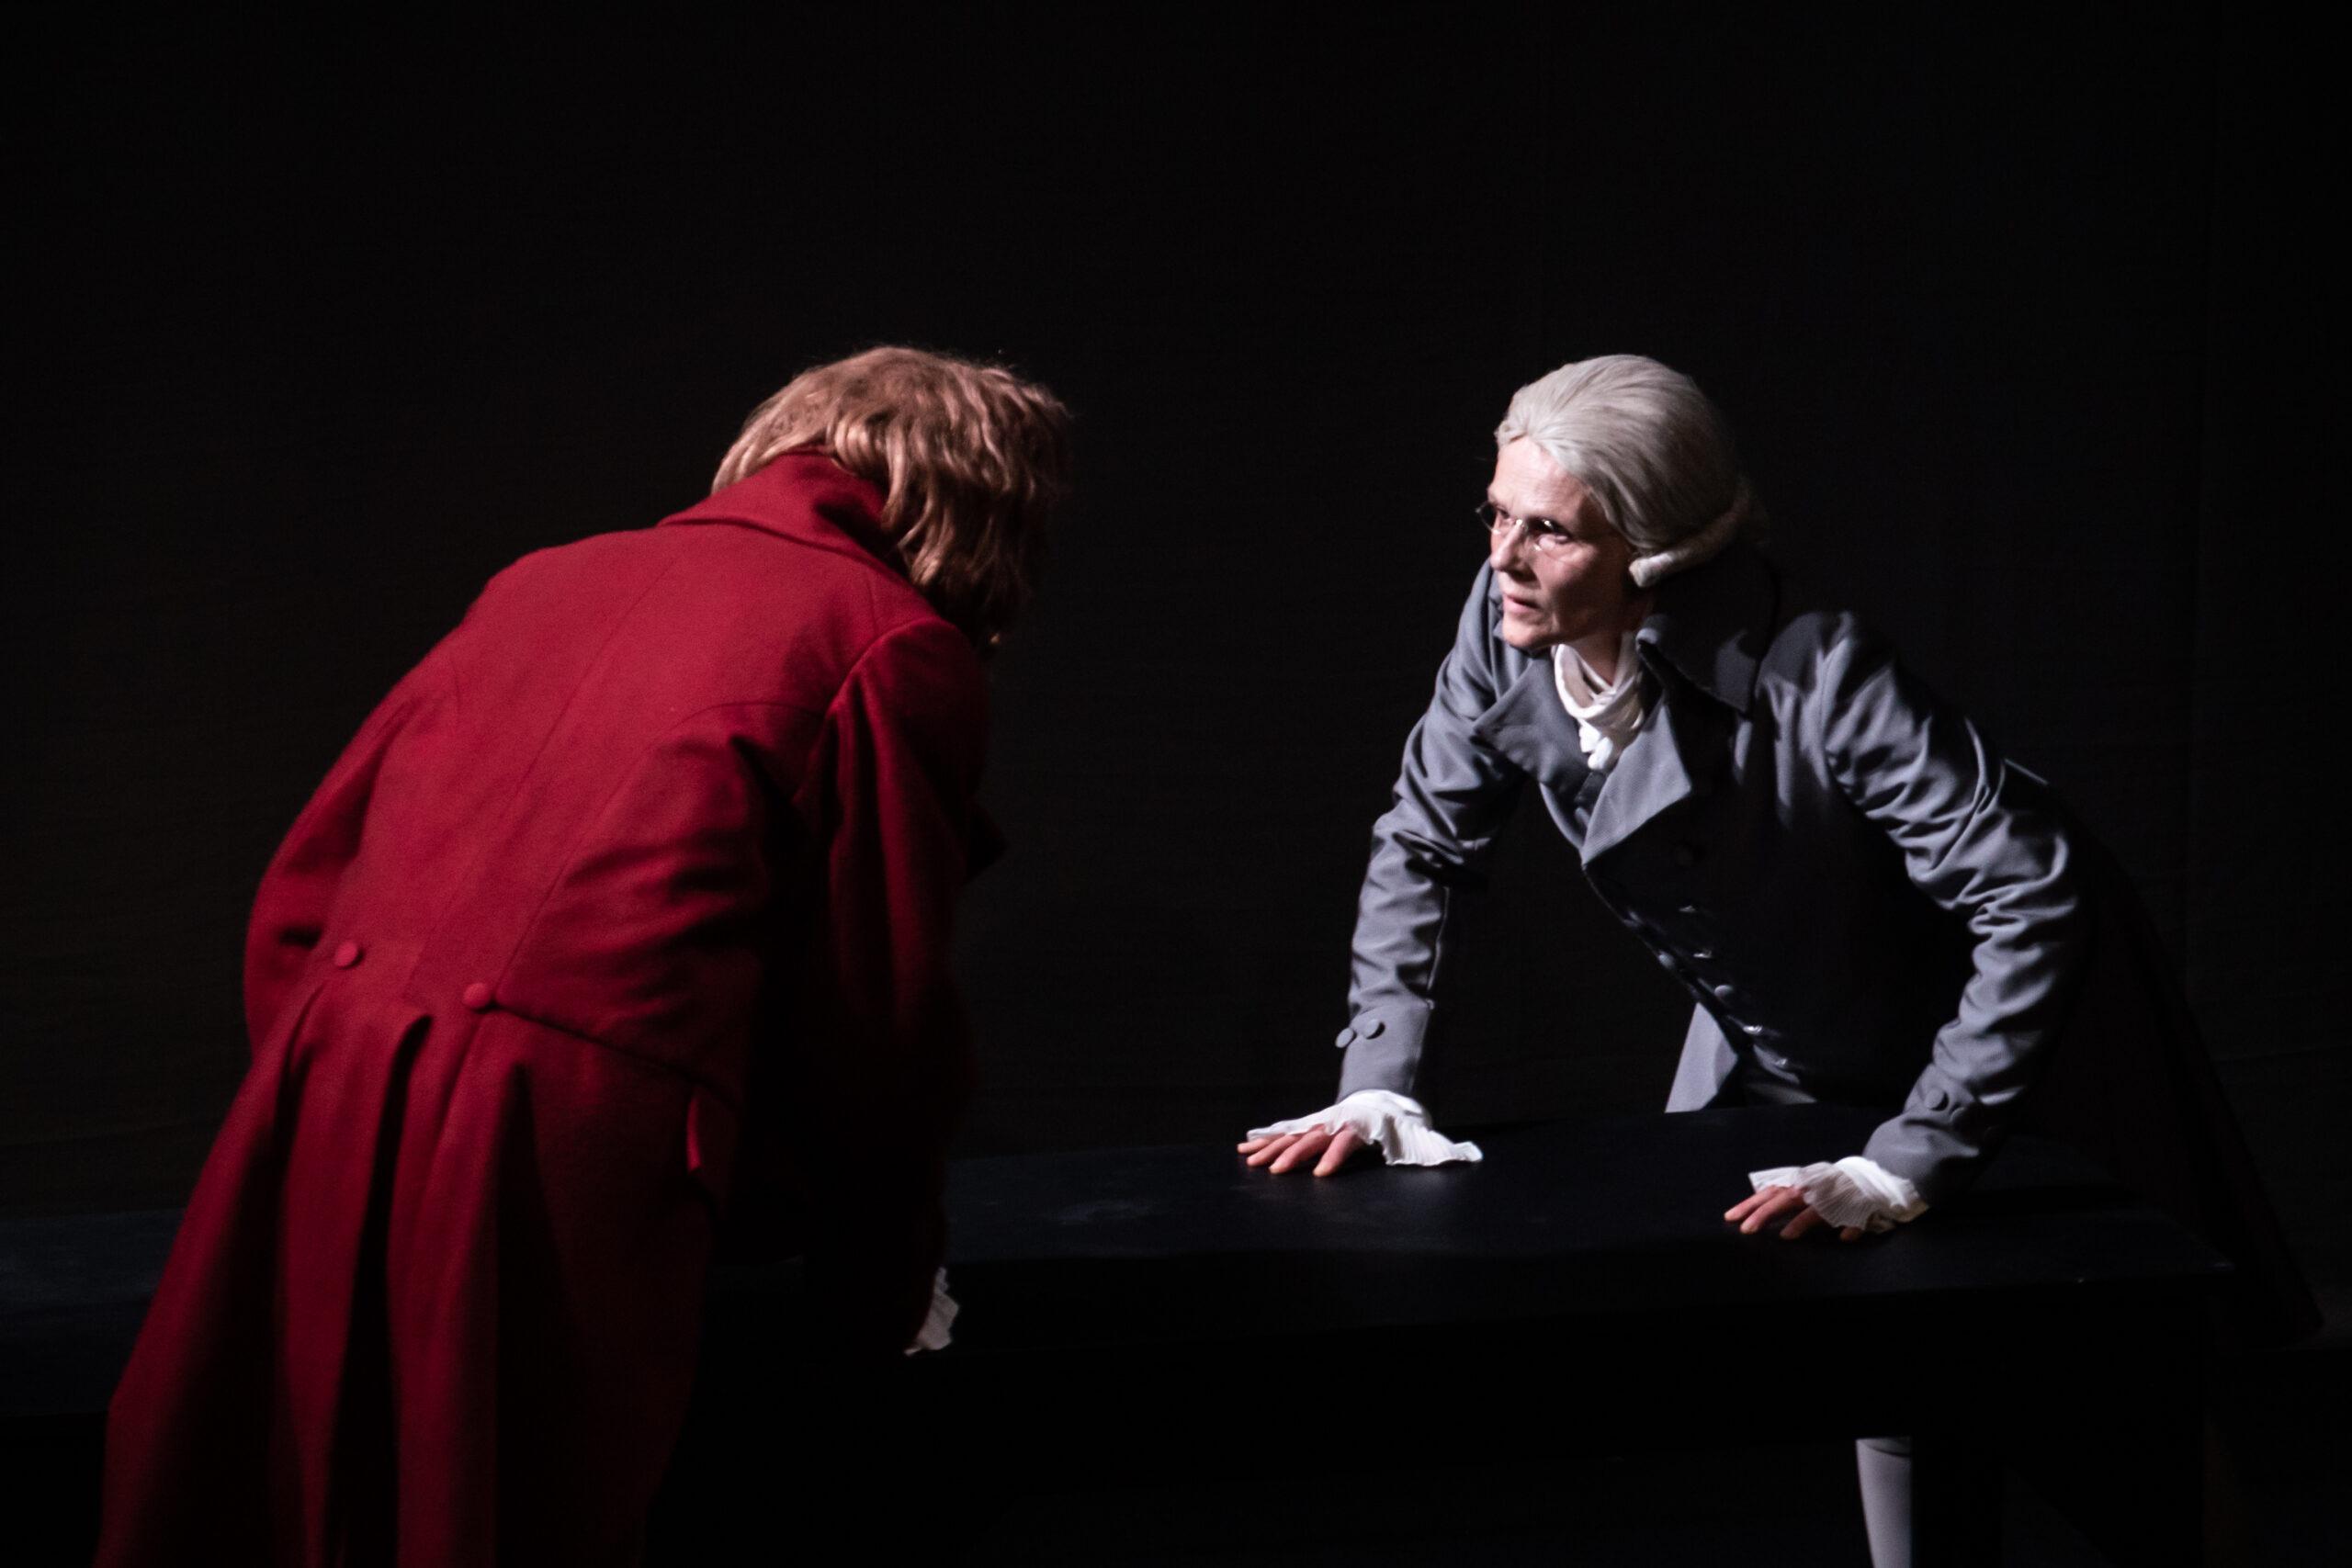 Danton Robespierre - Les Racines de la Liberté : Un passionnant face à face ! [Festival d'Avignon 2021]